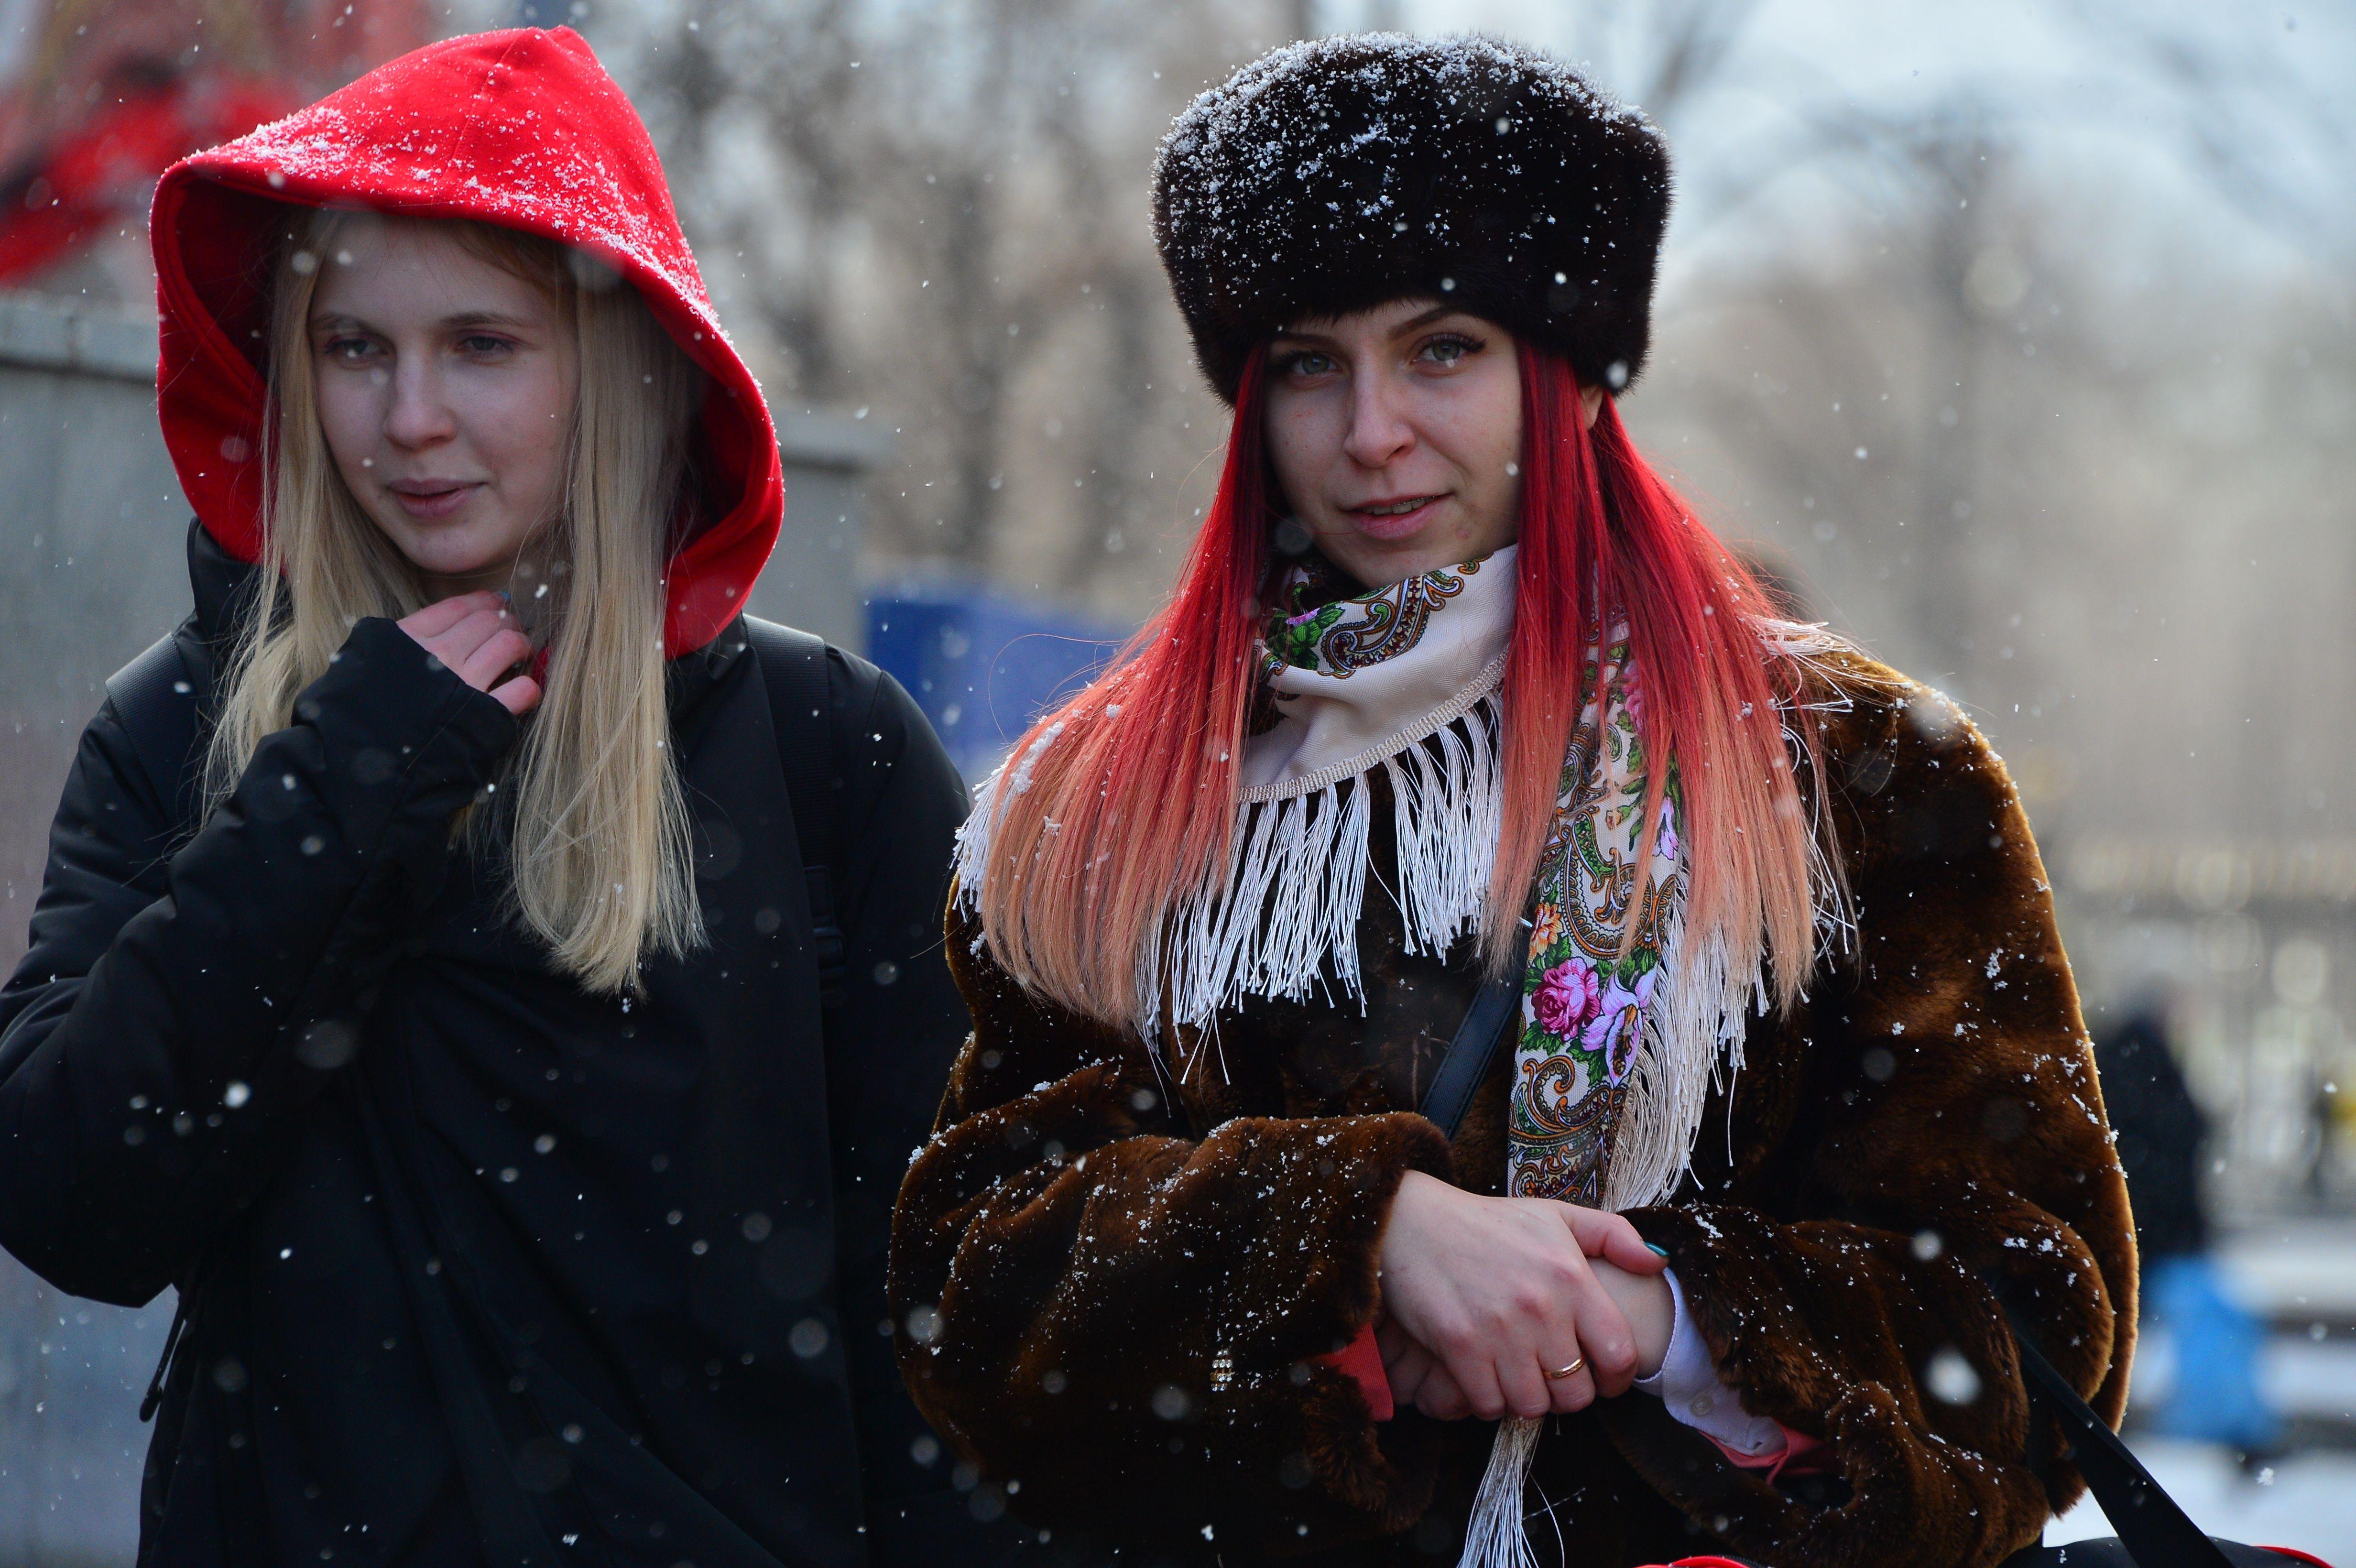 Московская температура рухнет до 10 градусов мороза на выходных